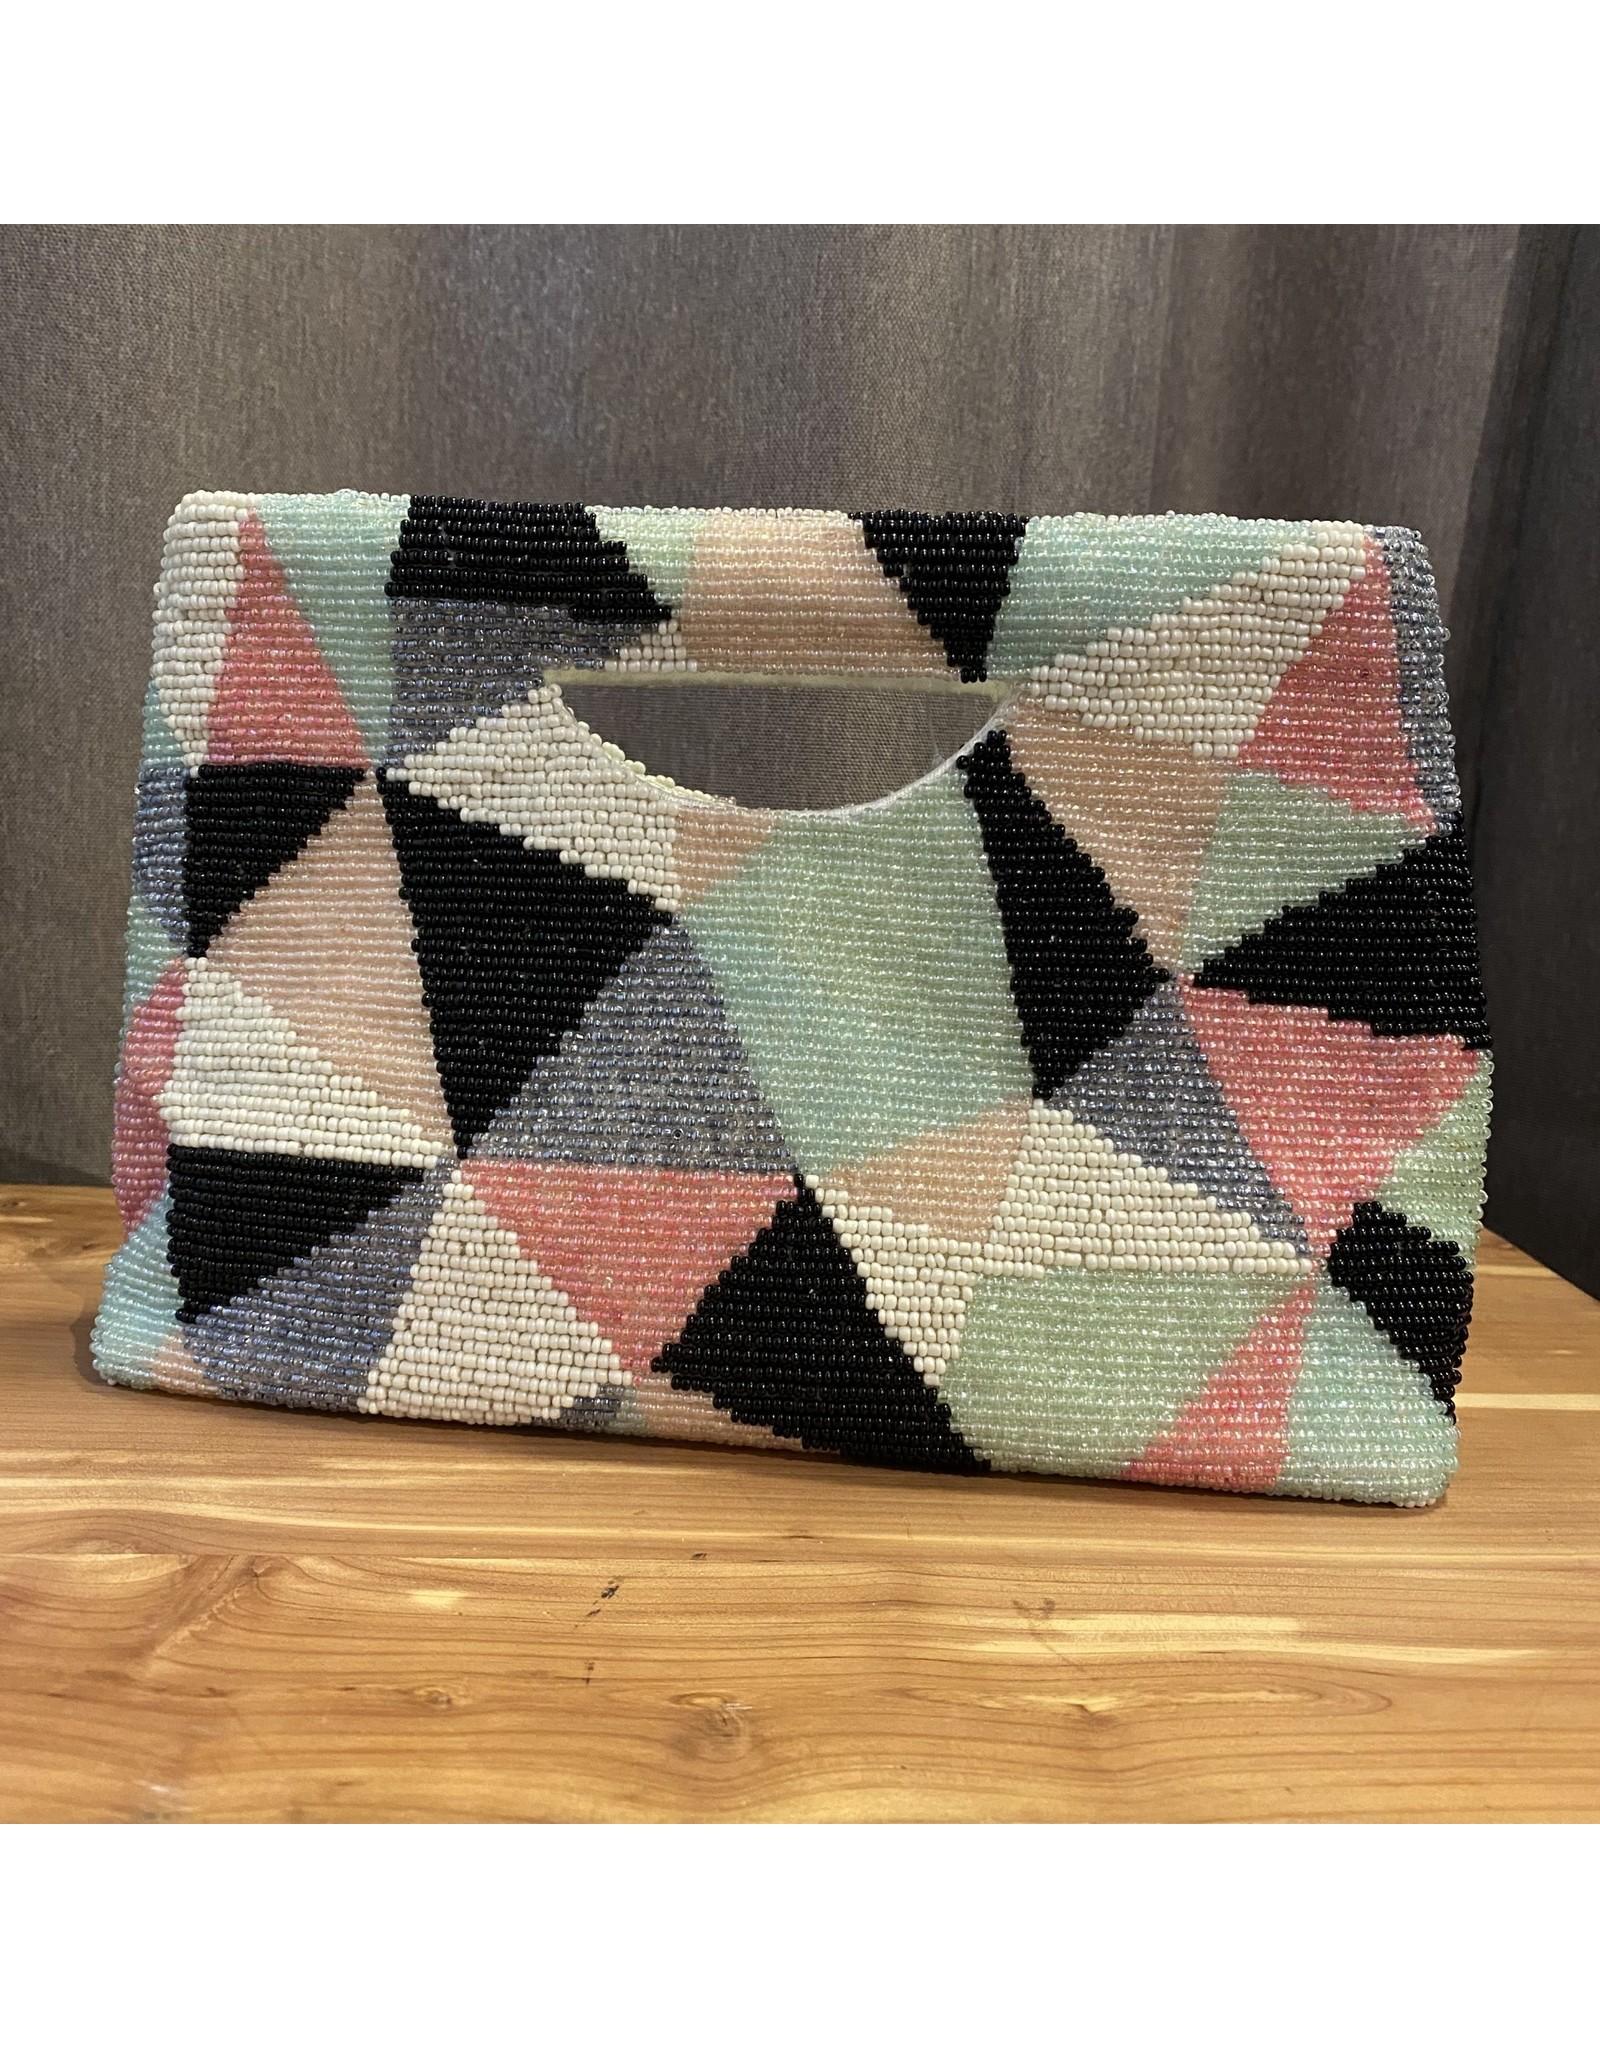 Tiana Designs Multi color Beaded Clutch